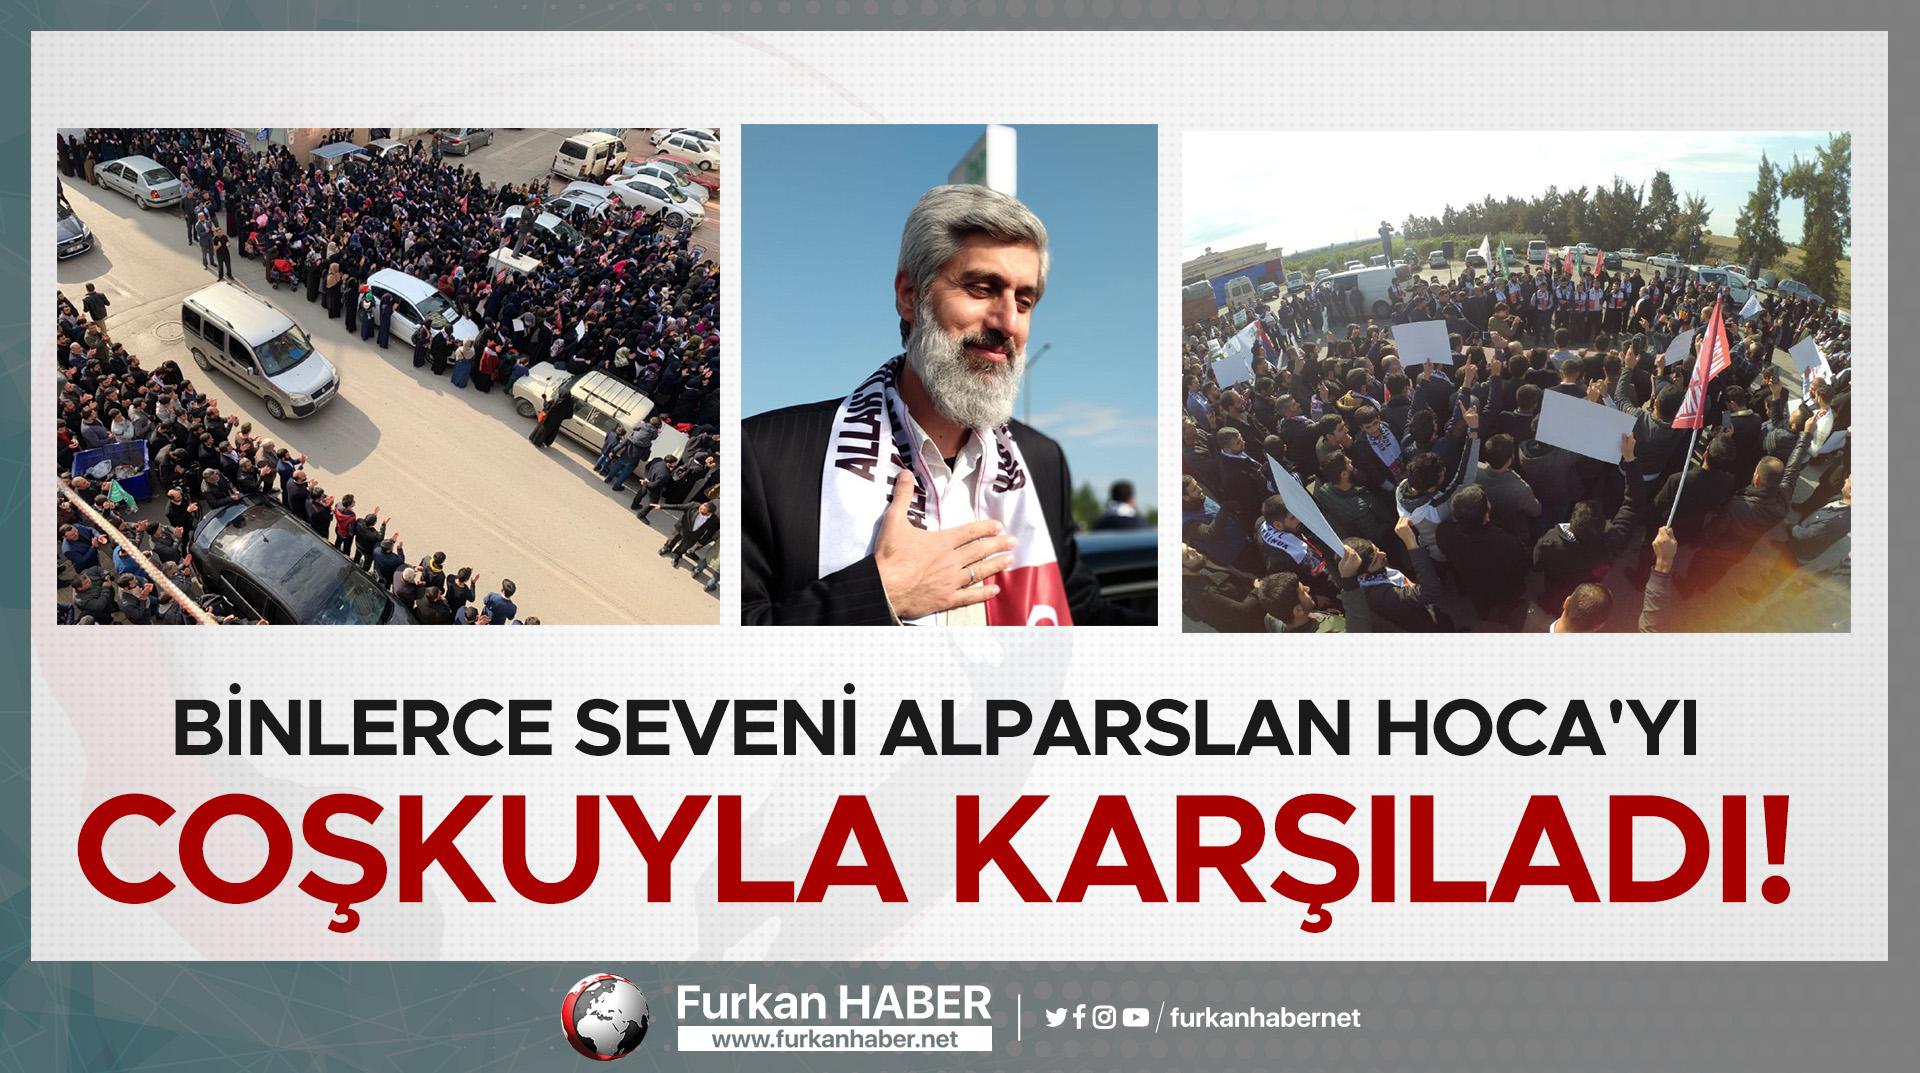 FOTO GALERİ | Binlerce Seveni Alparslan Hoca'yı Coşkuyla Karşıladı!